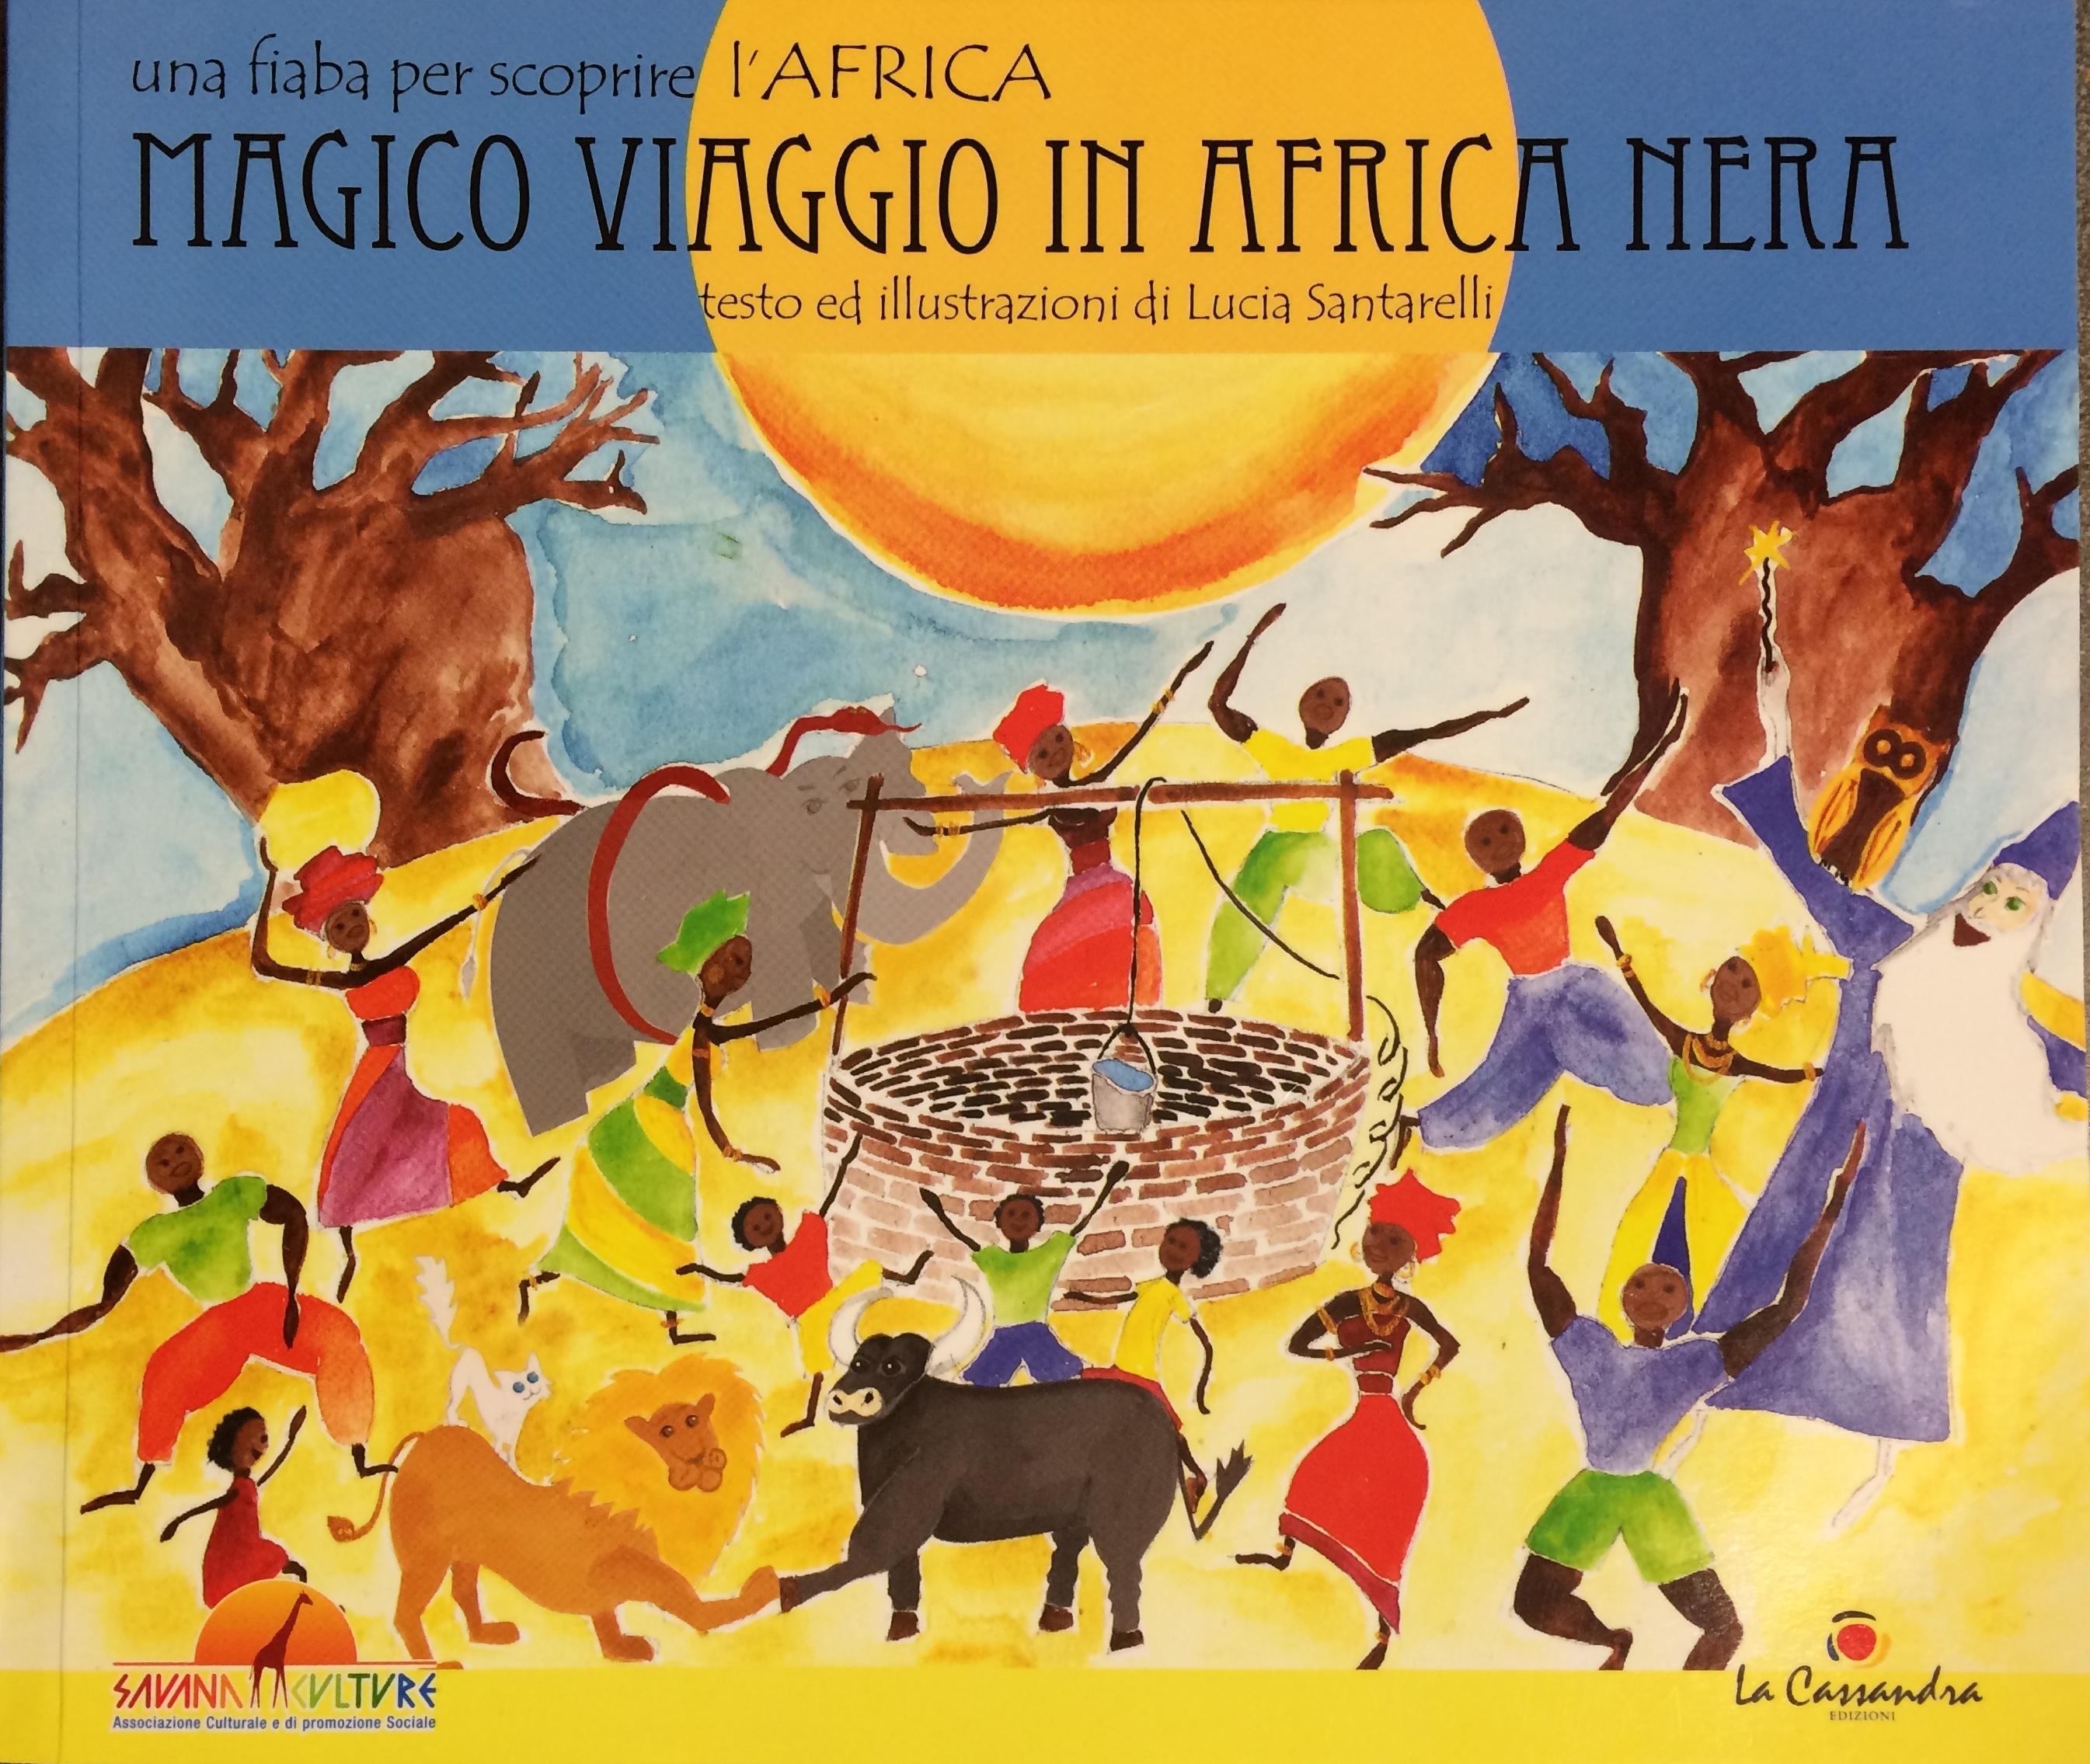 Magico viaggio in Africa nera